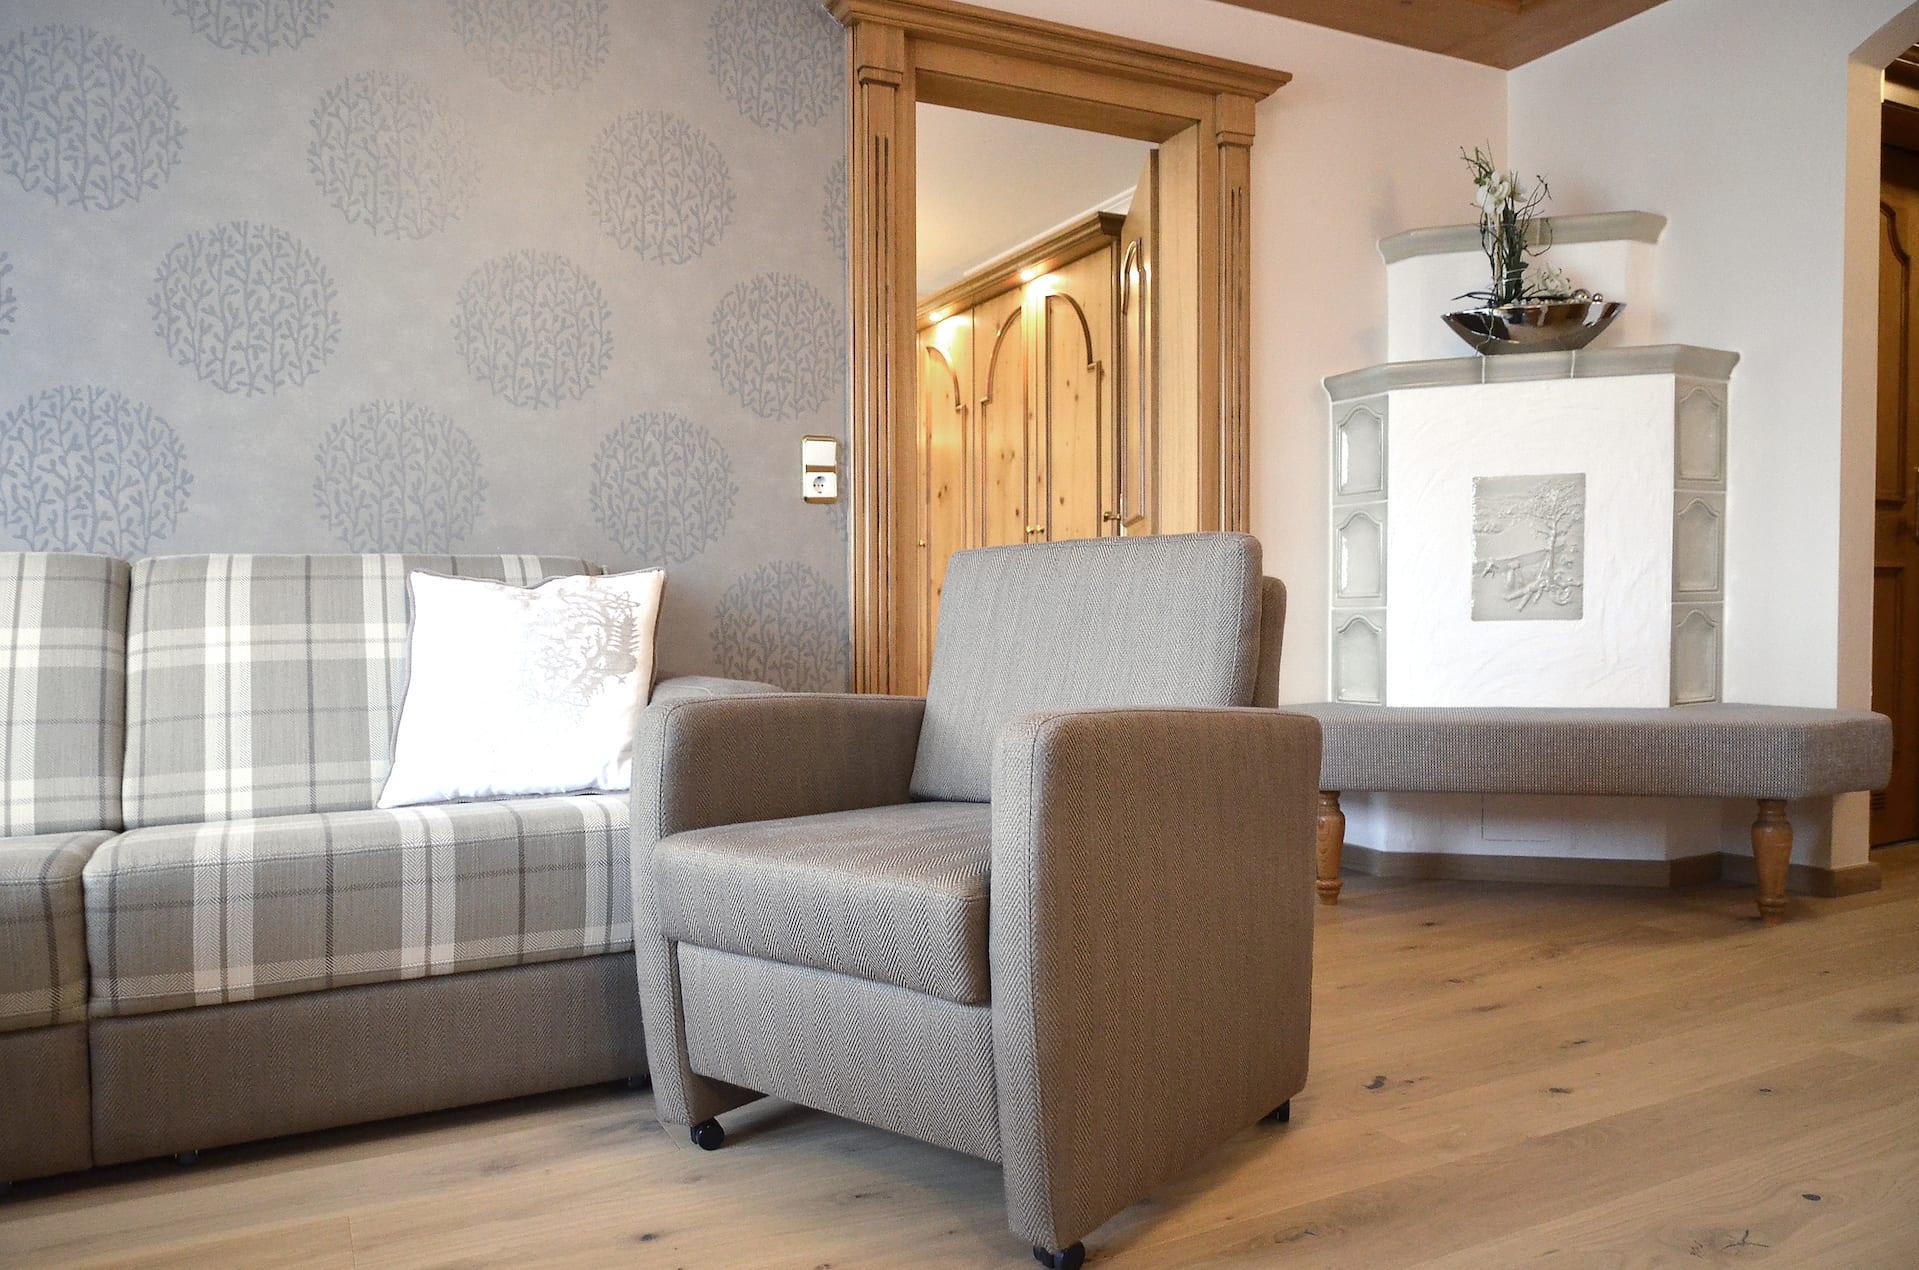 Suiten wellnesshotel bodenmais bayerischer wald for Modernes wellnesshotel